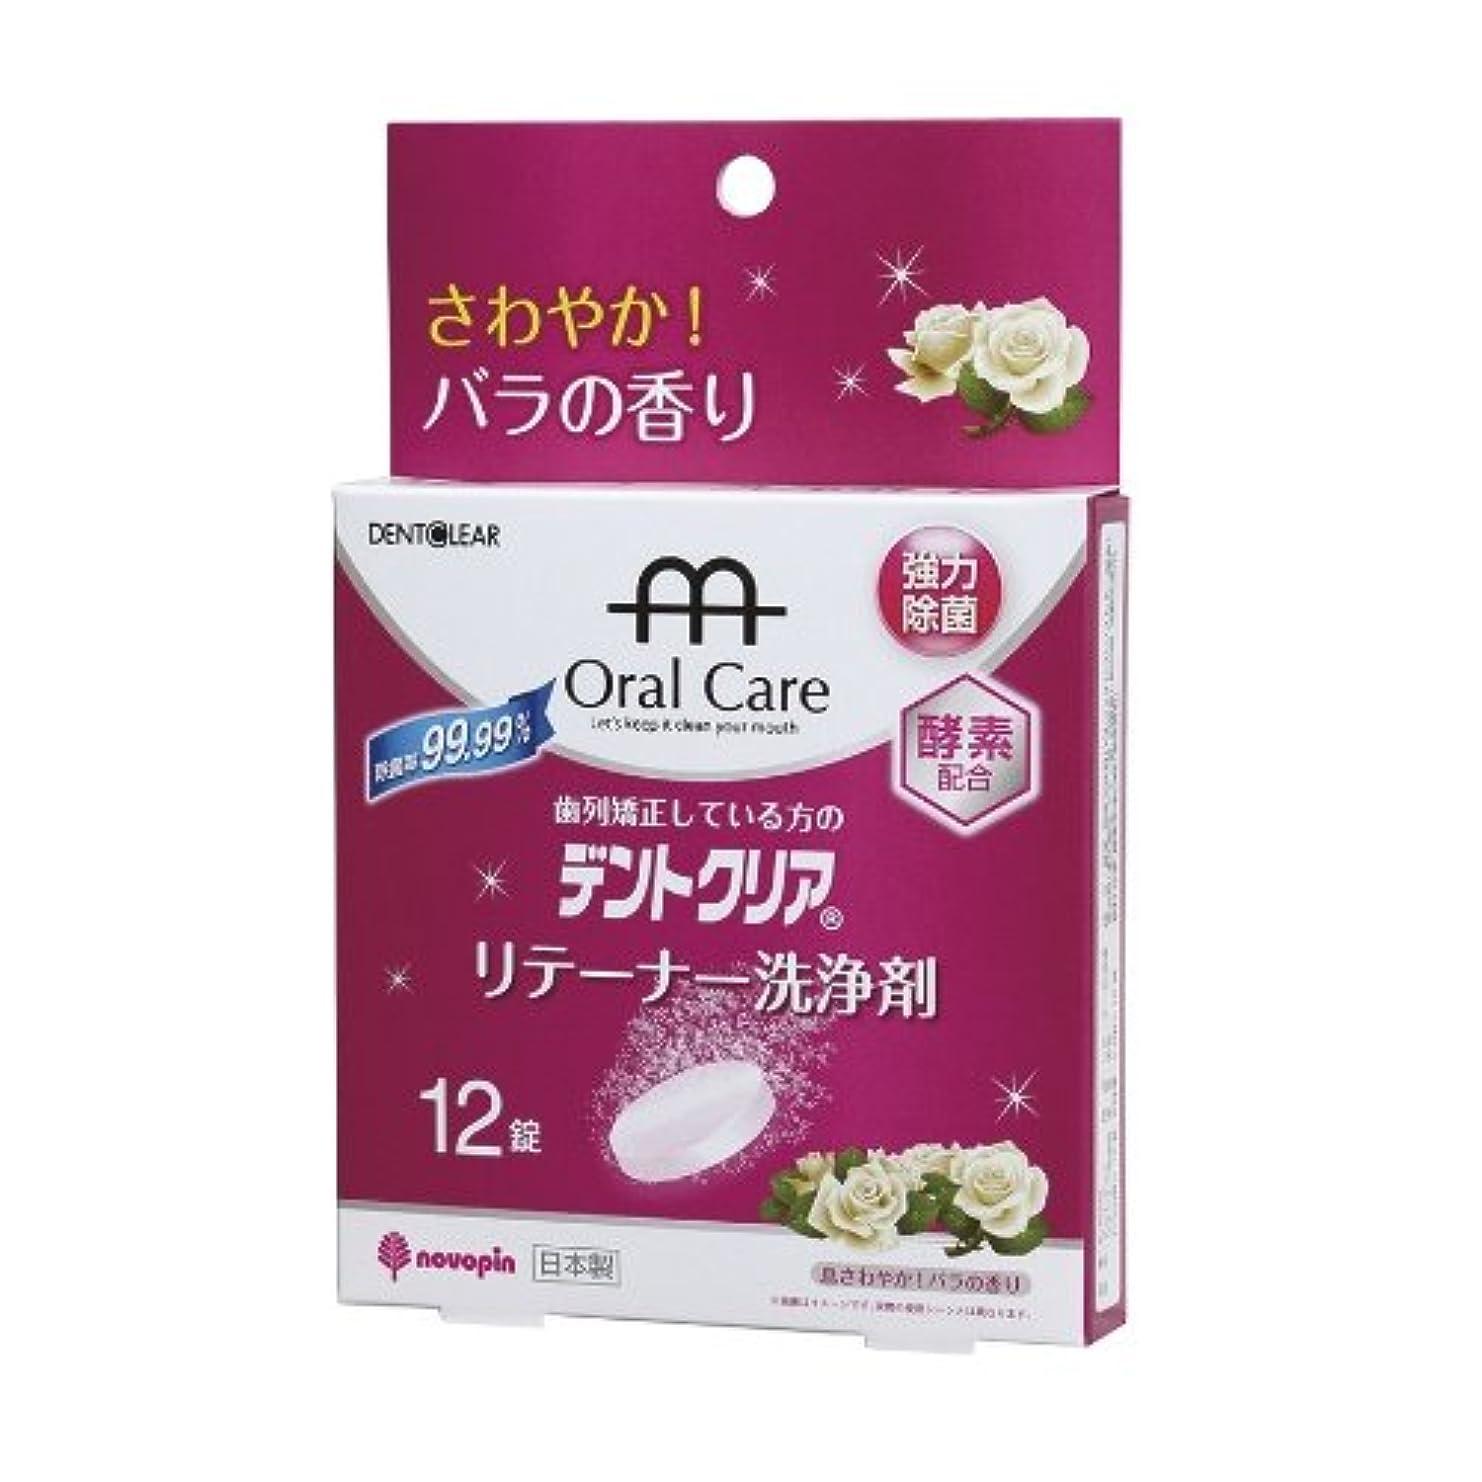 メトリックスタッフマウスピース紀陽除虫菊 歯列矯正している方のデントクリア リテーナー 洗浄剤 バラの香り 12錠